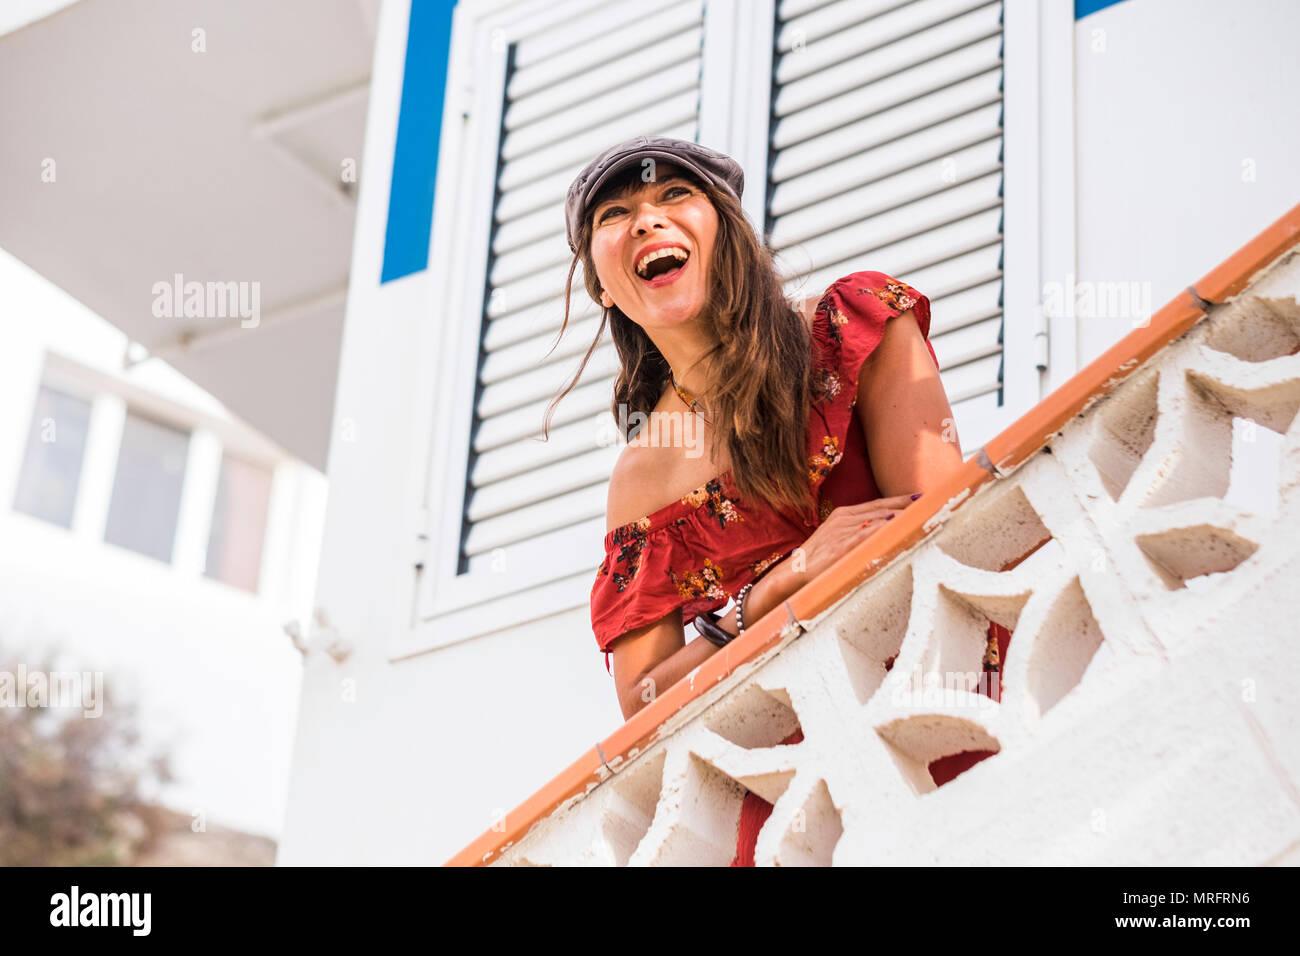 Gran sonrisa y reír de felicidad y disfrutando de concepto con una hermosa de 40 años de edad personas caucásicas con casas blancas en el fondo. Ocio n Imagen De Stock